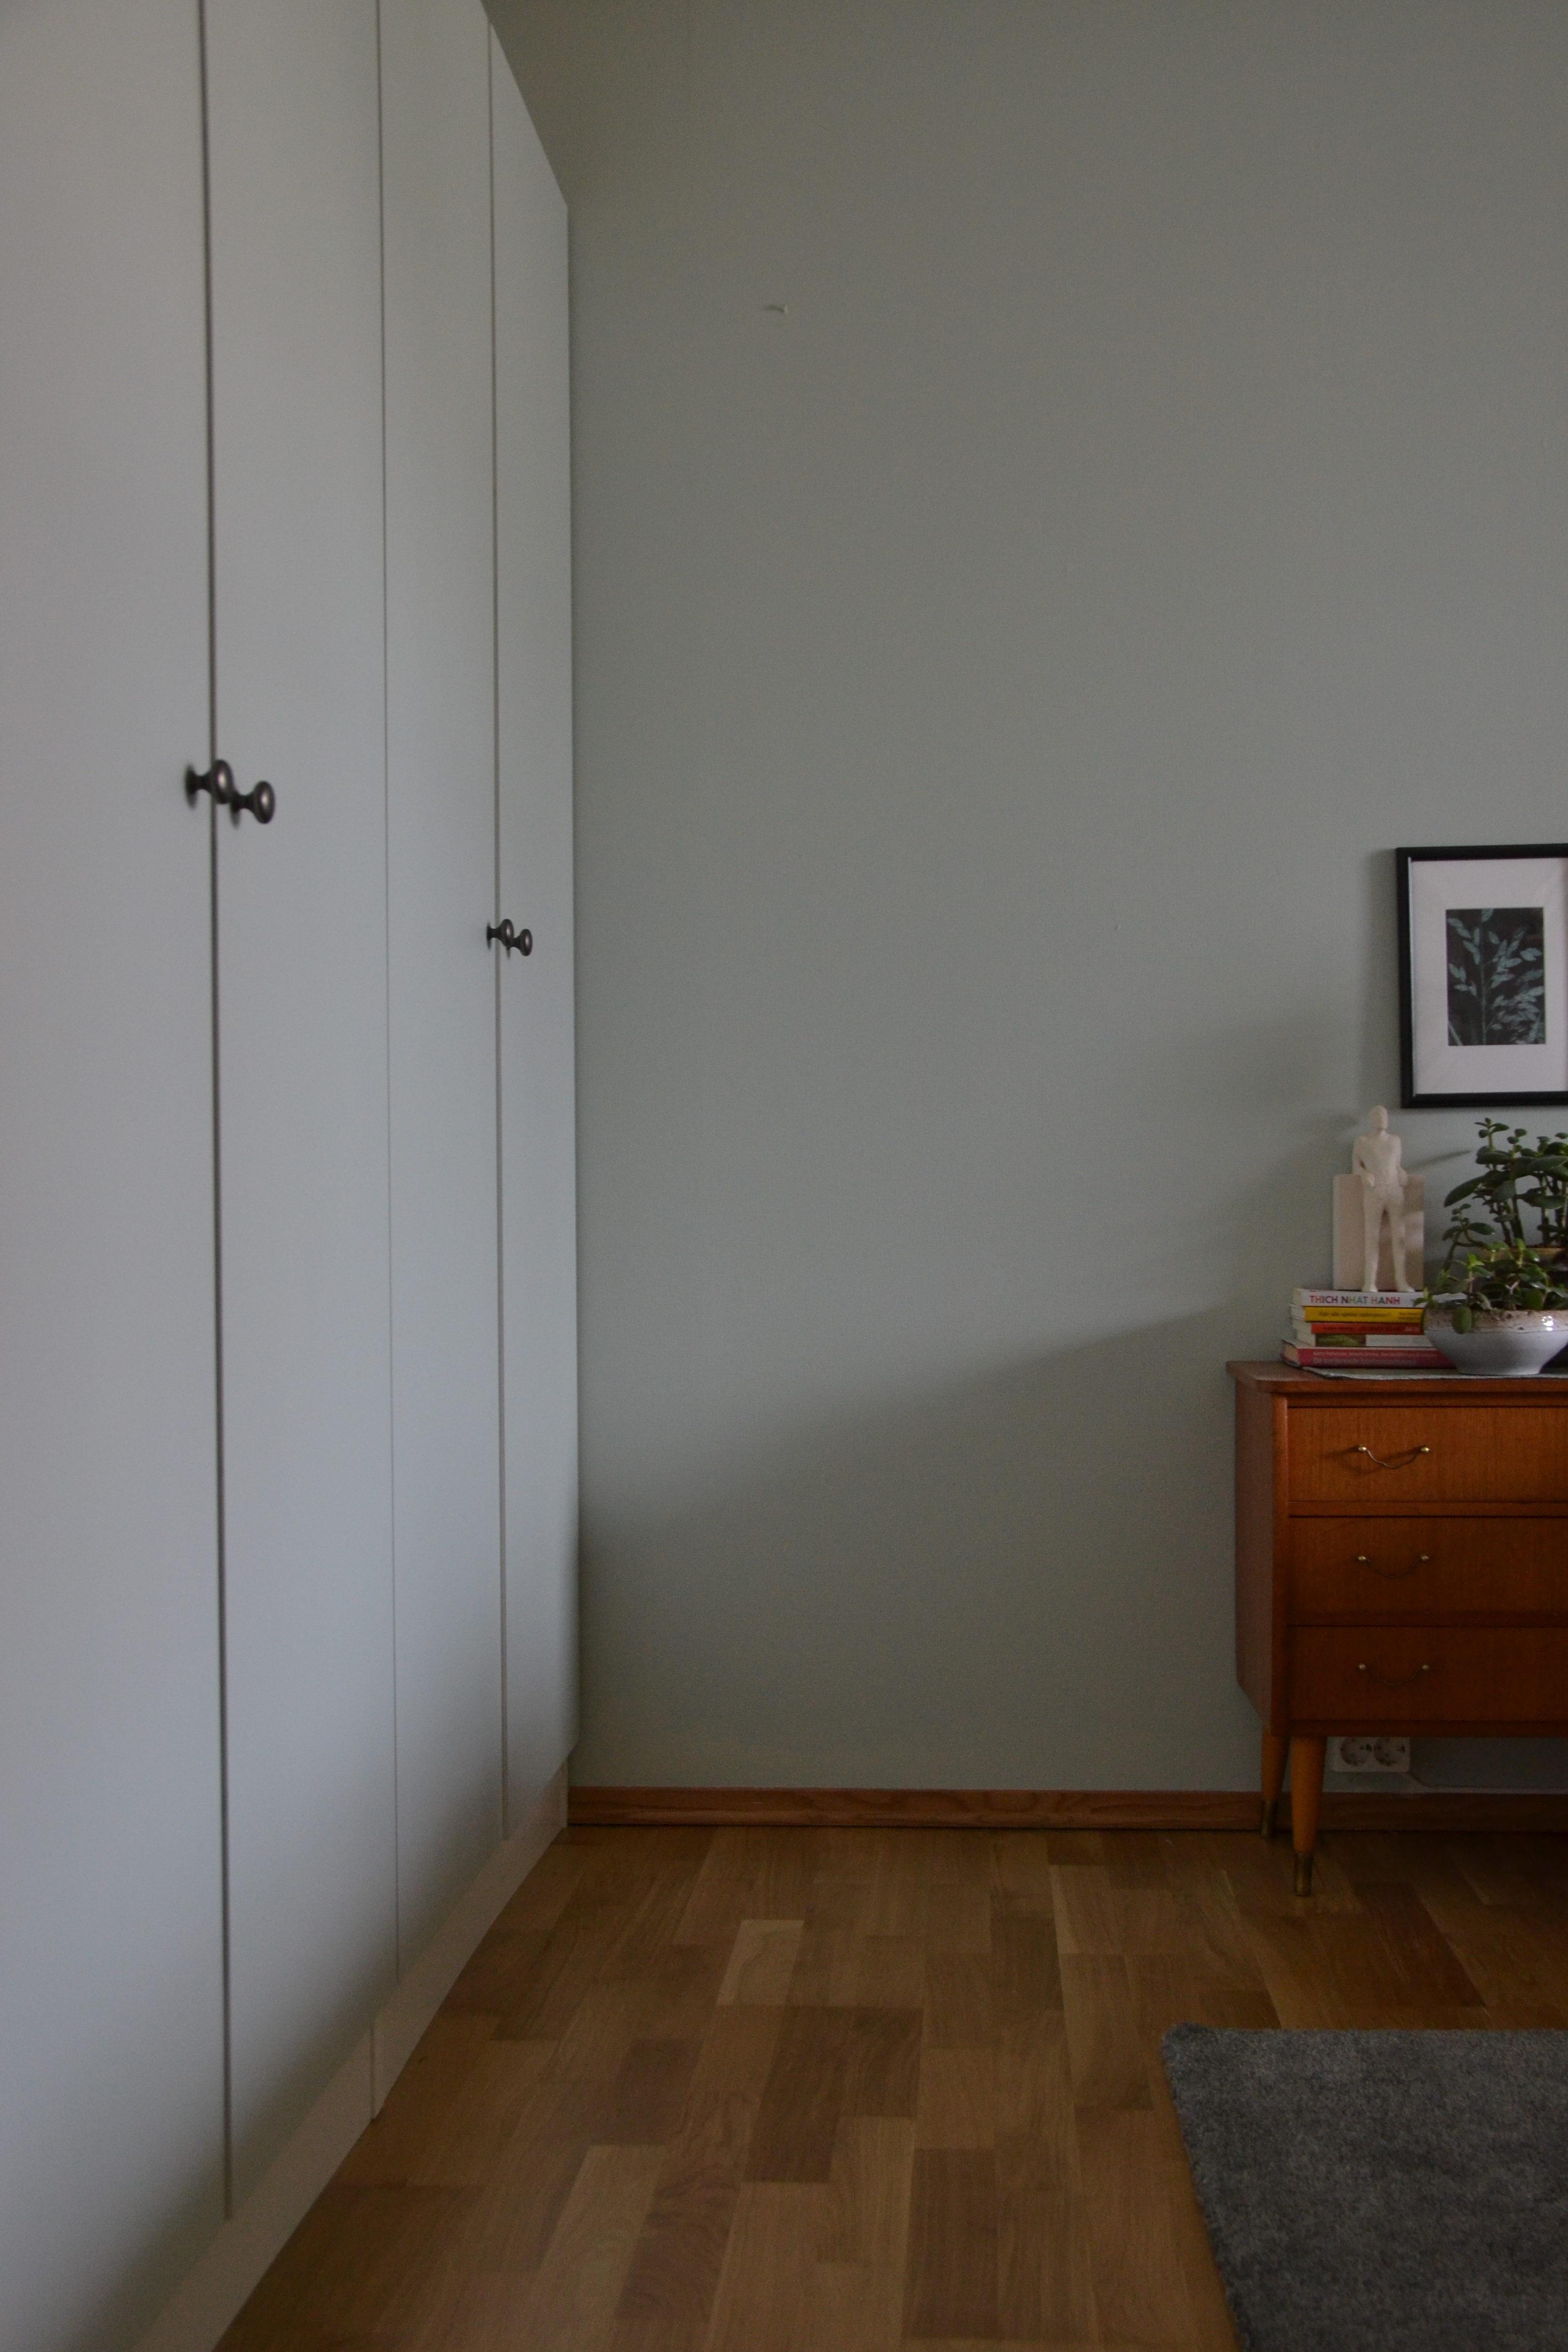 Høie, Høie sengetøy, mal garderobeskap, puss opp soverom, soverom oppussing, bambus lapme, planter på soverommet, rundt speil, retro speil, vintage speil, makrame ampel, makrame hengepotte, sweet mint, soft mint, malie soverom, puss opp soverommet, redesign signe schineller, Bambus lykt, paint closet doors, male kjøkkenfronter, nordsjø maling, teak kommode, pernille folcarelli, Kahler, heklet sengeteppe,